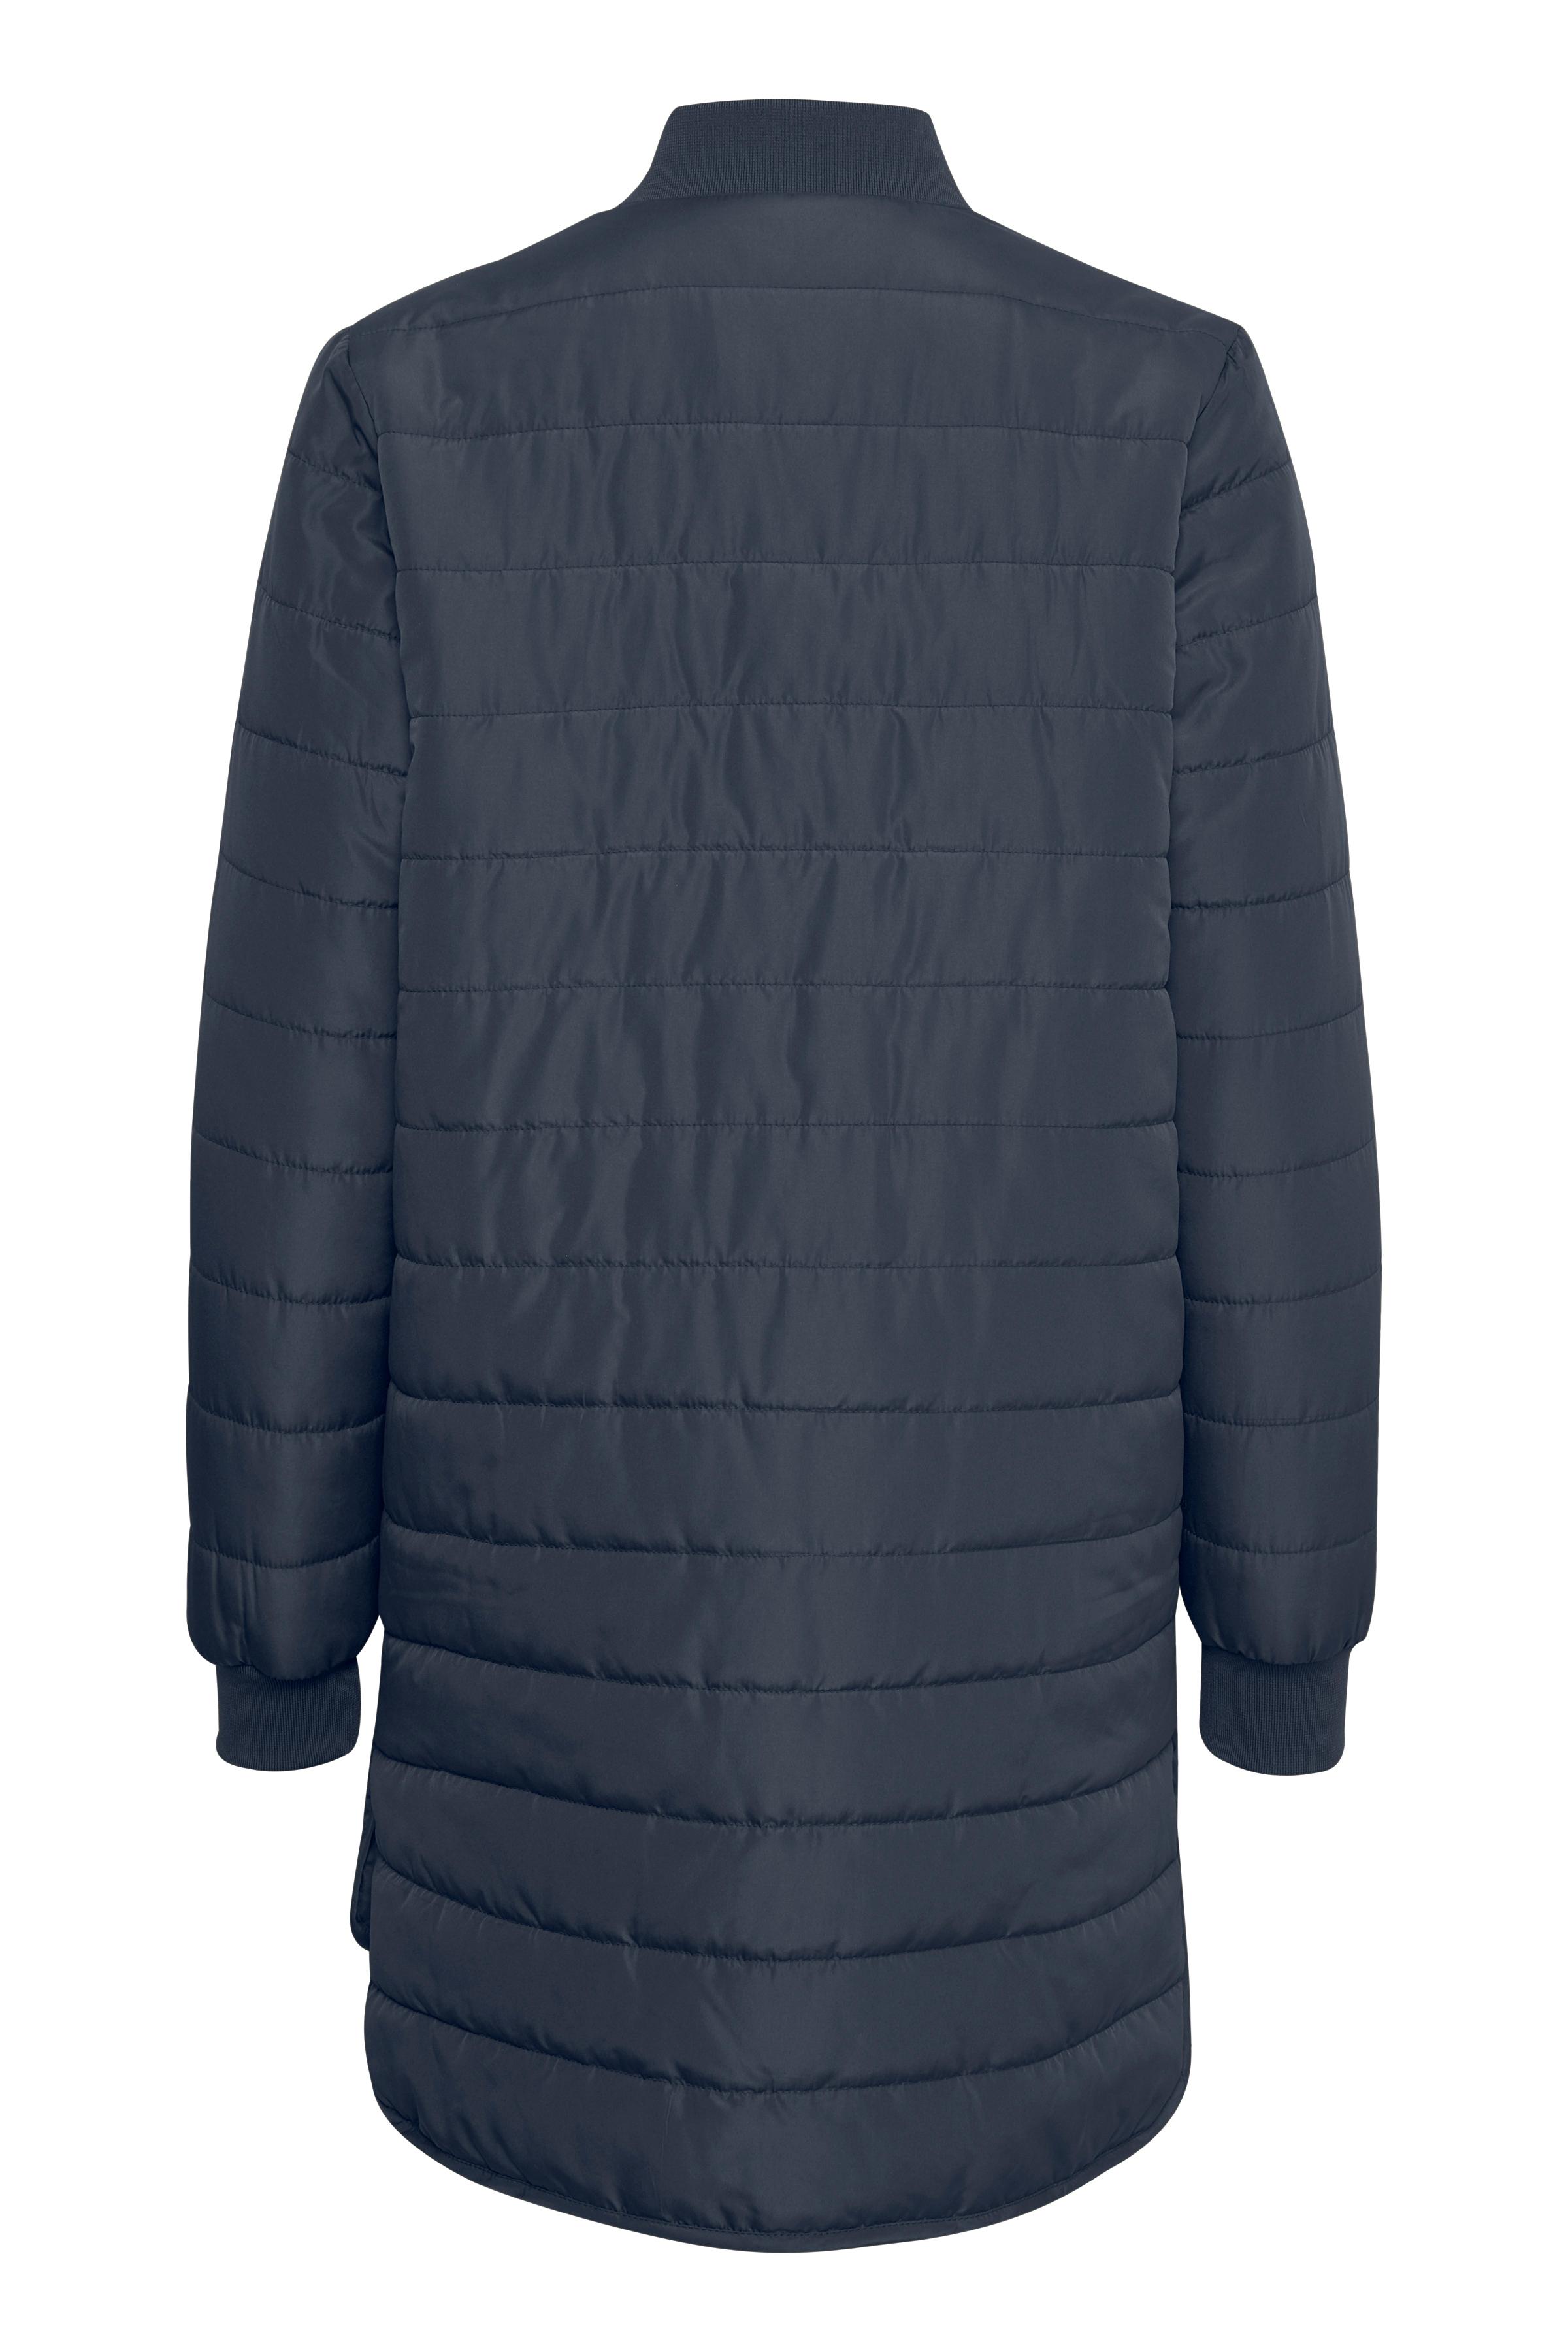 Marineblå Frakke fra Bon'A Parte – Køb Marineblå Frakke fra str. S-2XL her